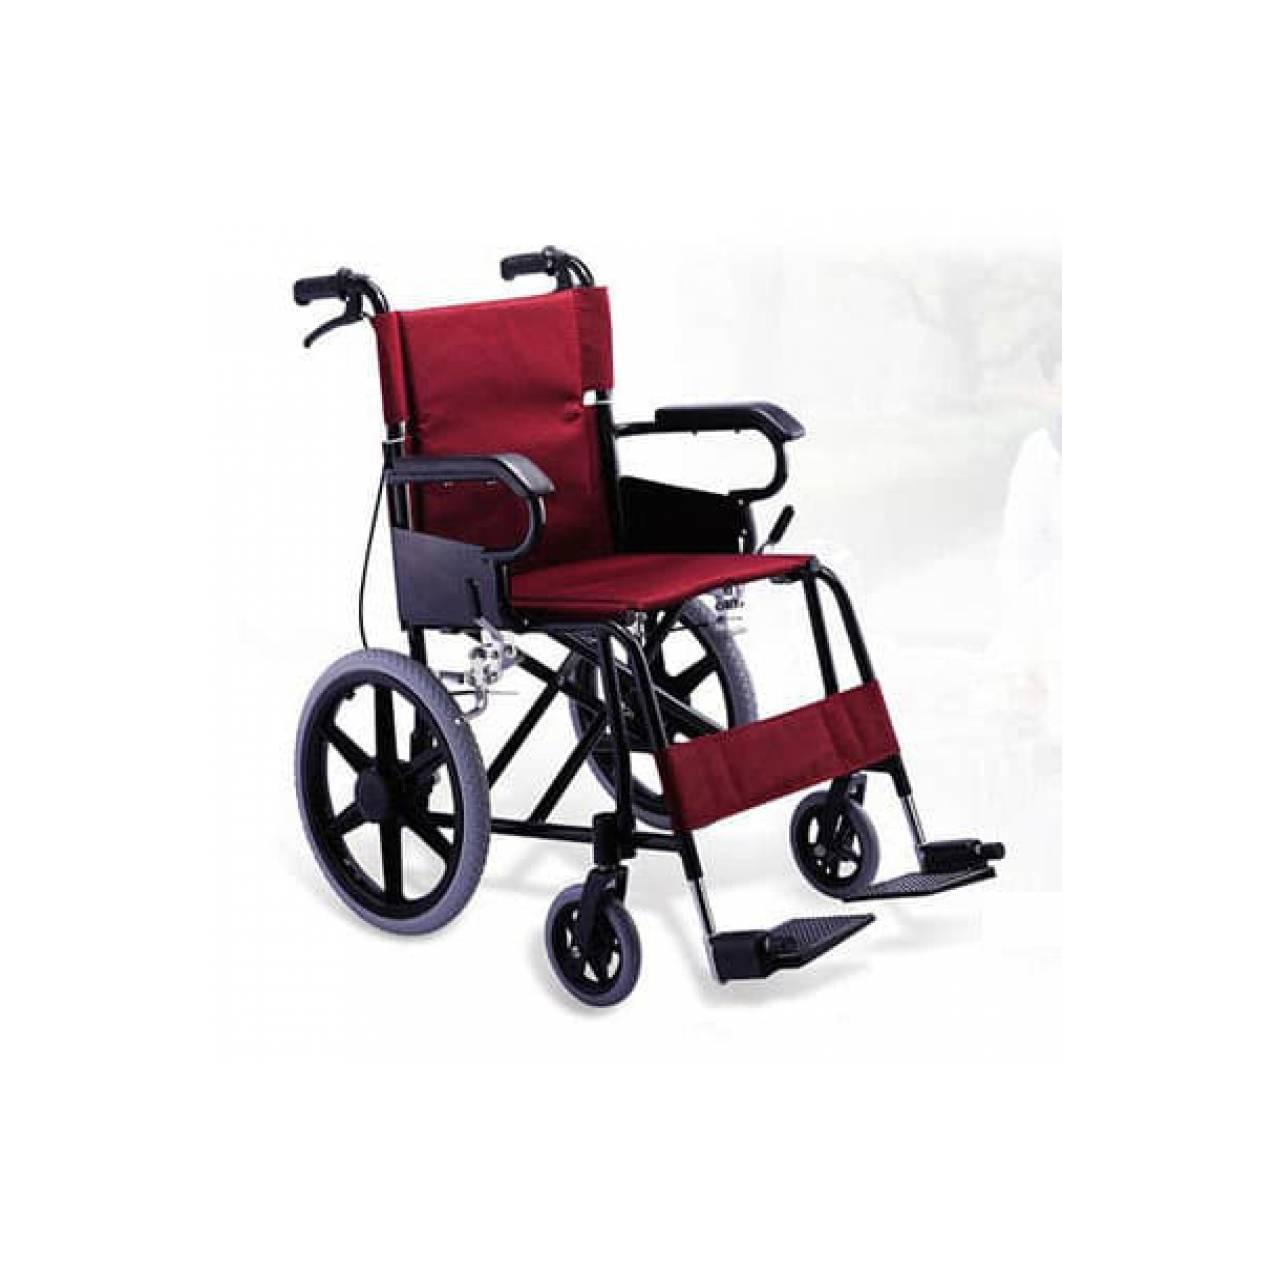 Kursi roda Sella treveling KY871LB - Kusri roda Travel Anak / Dewasa